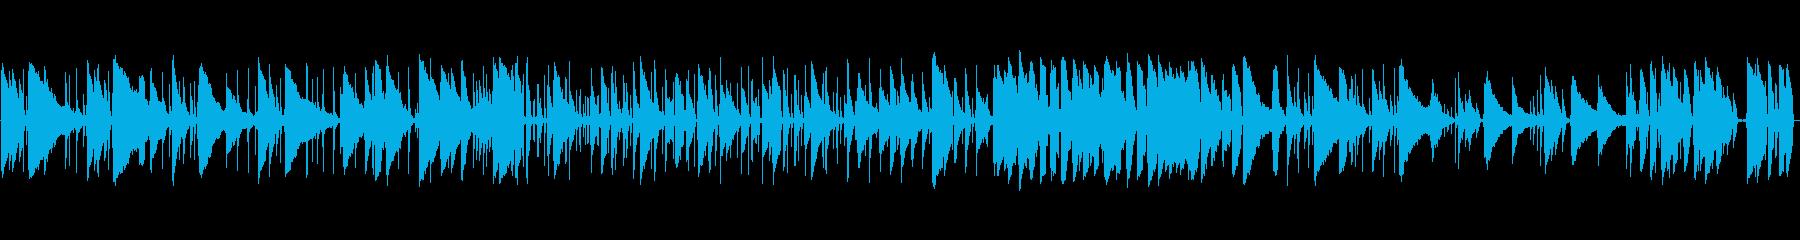 けだるいテンポの、アコギのブルースの再生済みの波形